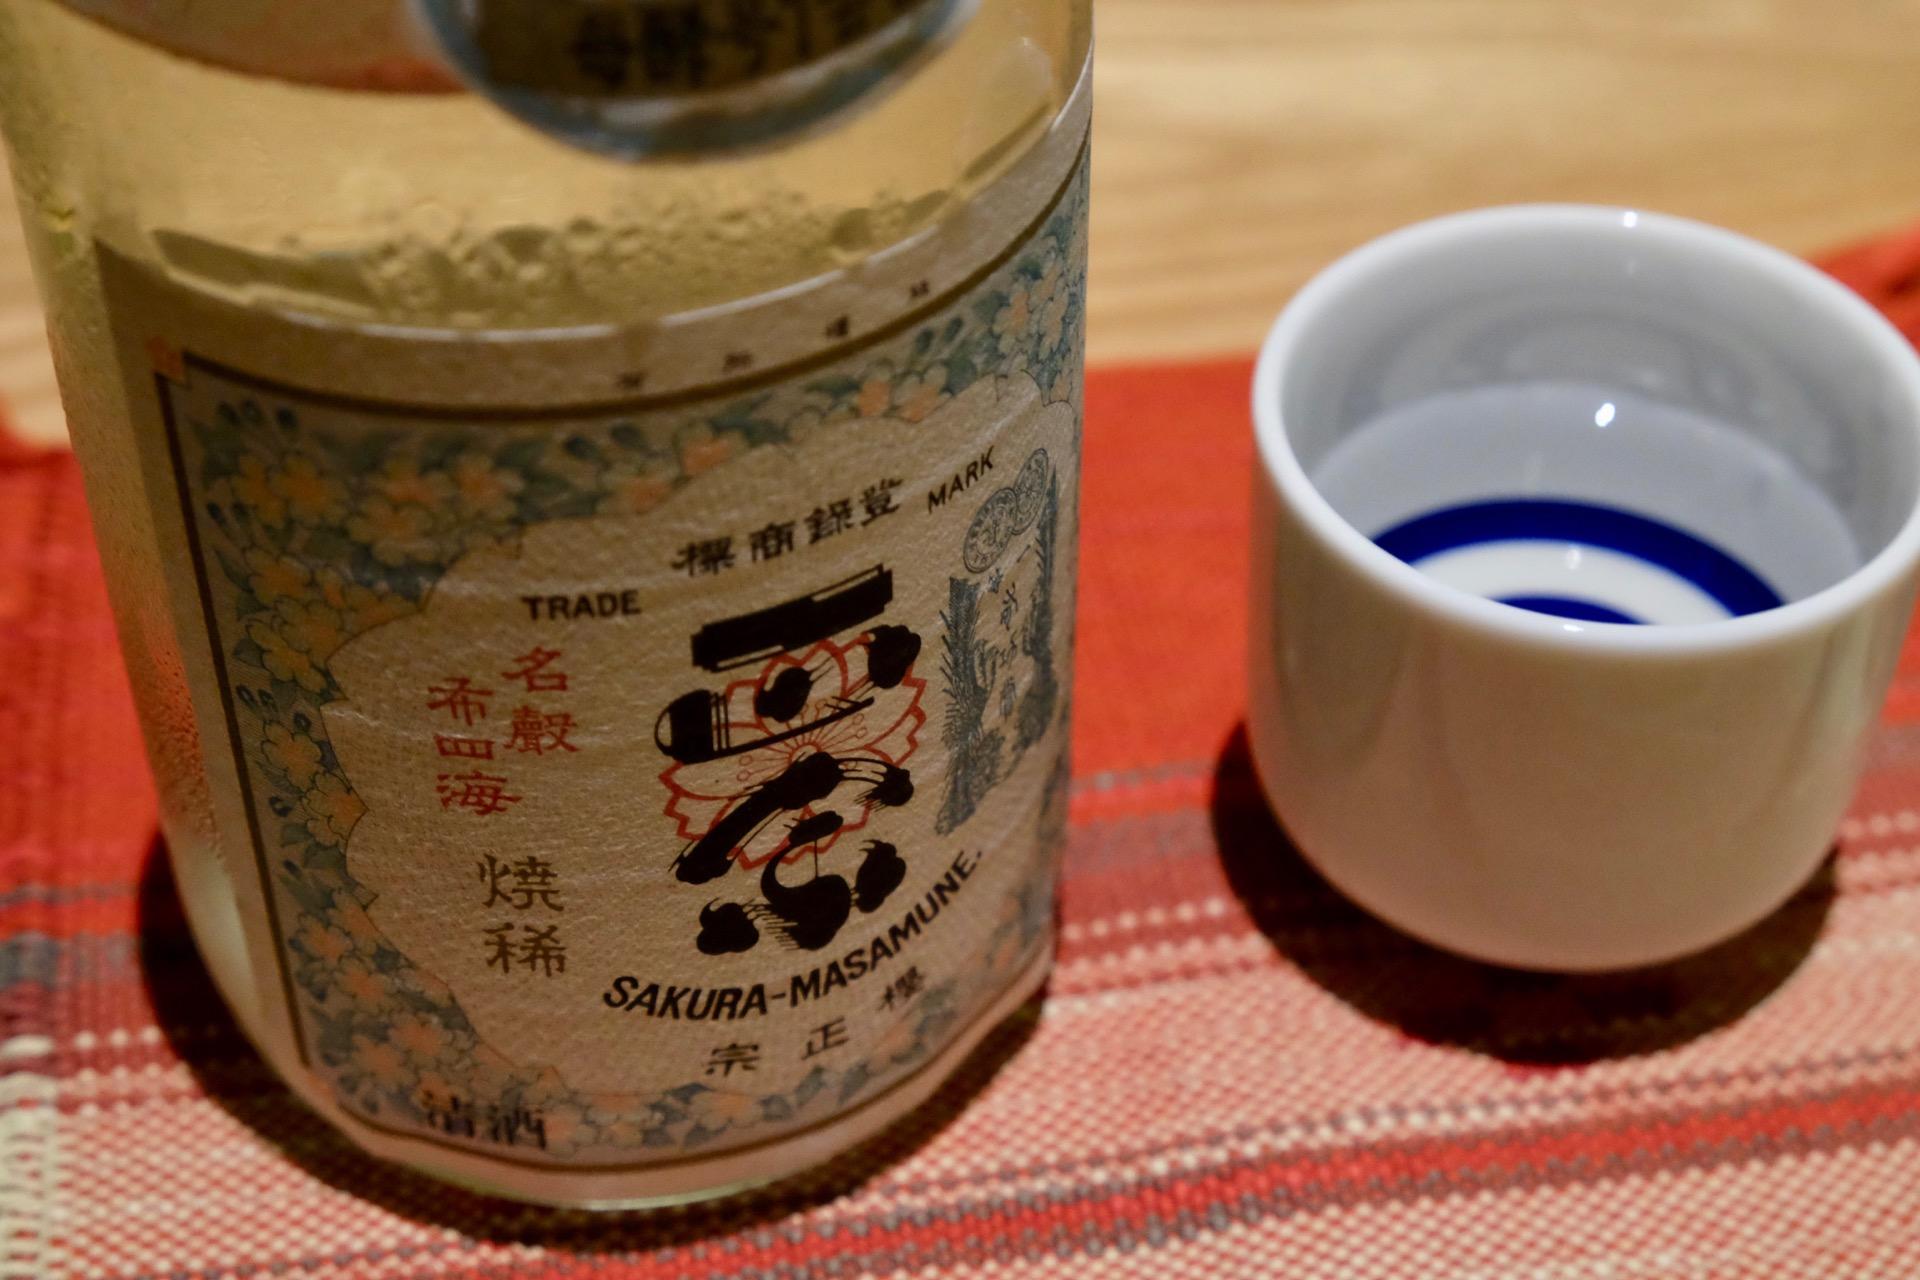 櫻正宗 純米酒 焼稀 協会1号酵母|日本酒テイスティングノート